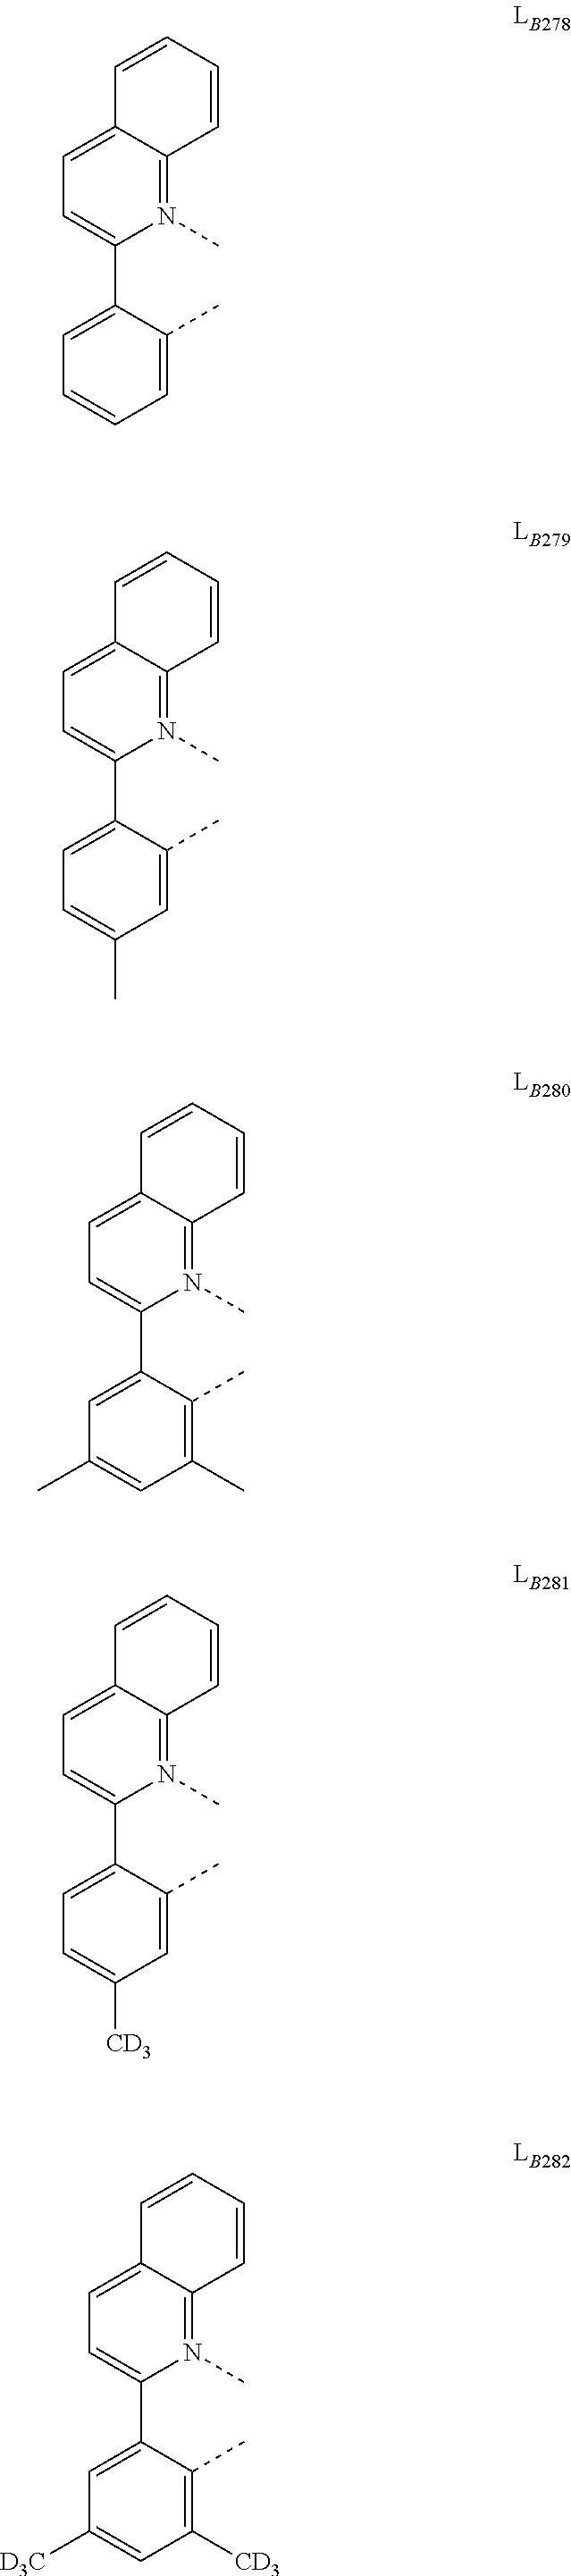 Figure US09929360-20180327-C00100